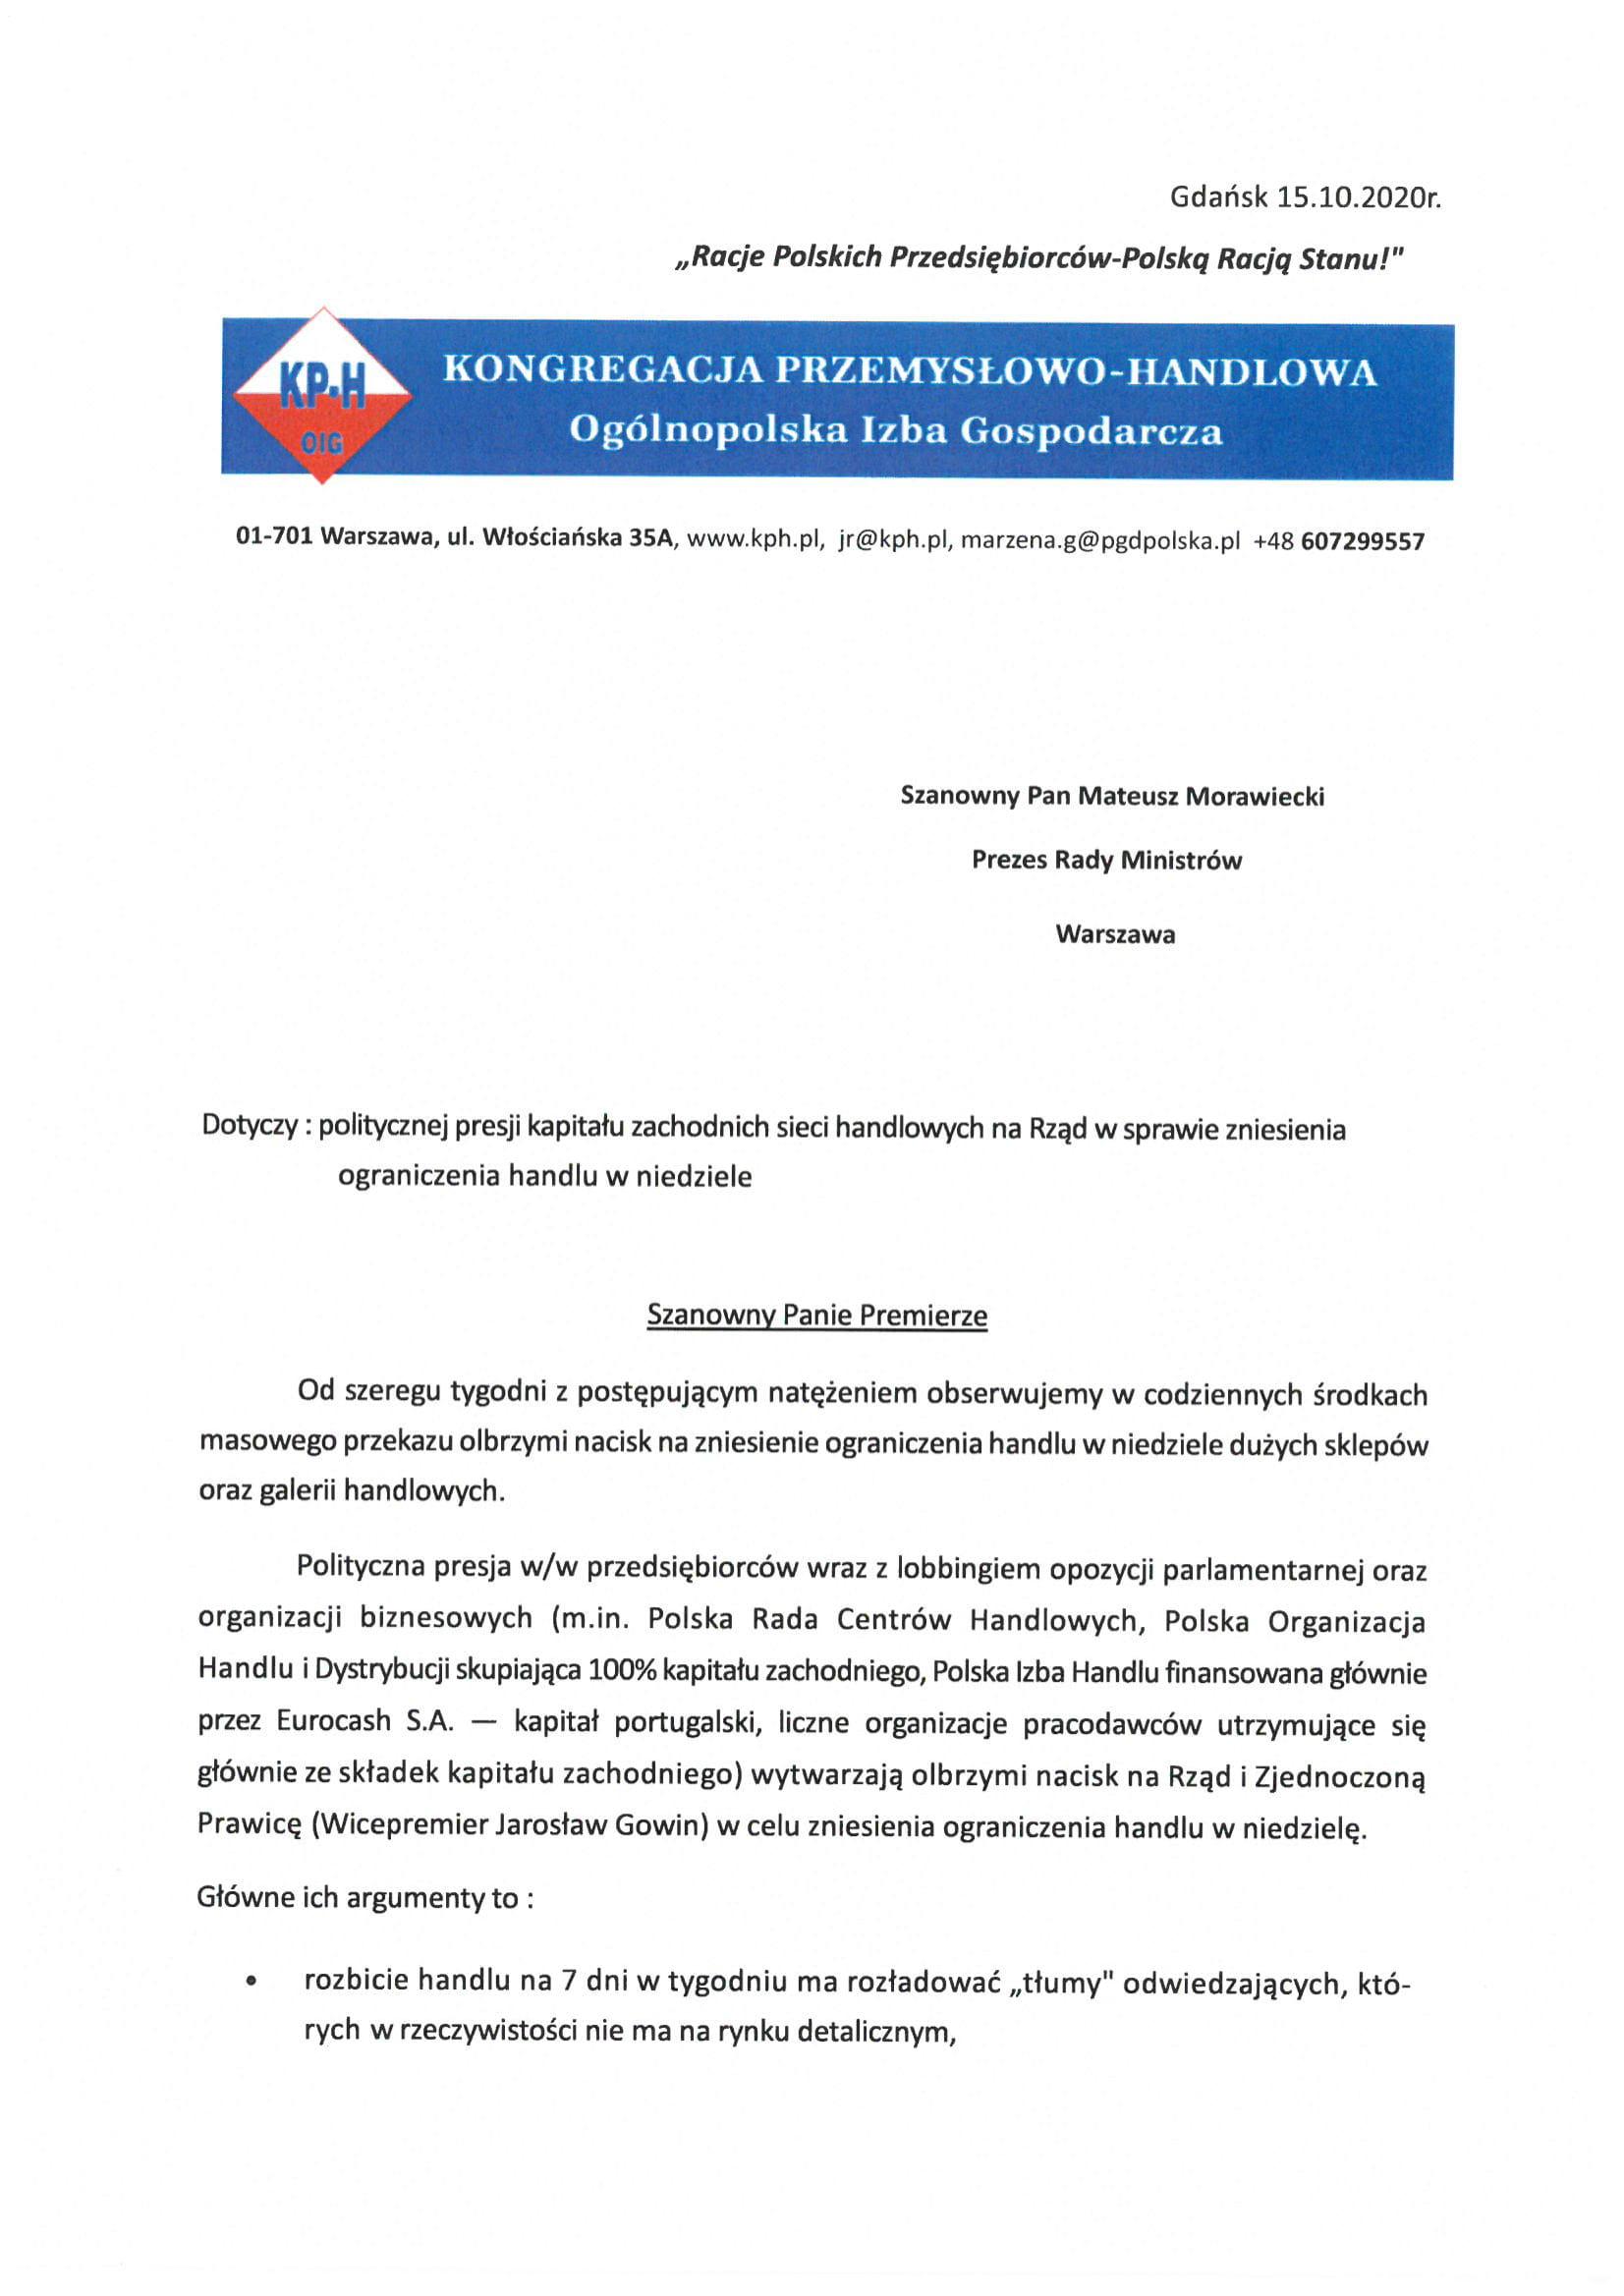 Pismo Kongrgacja-1